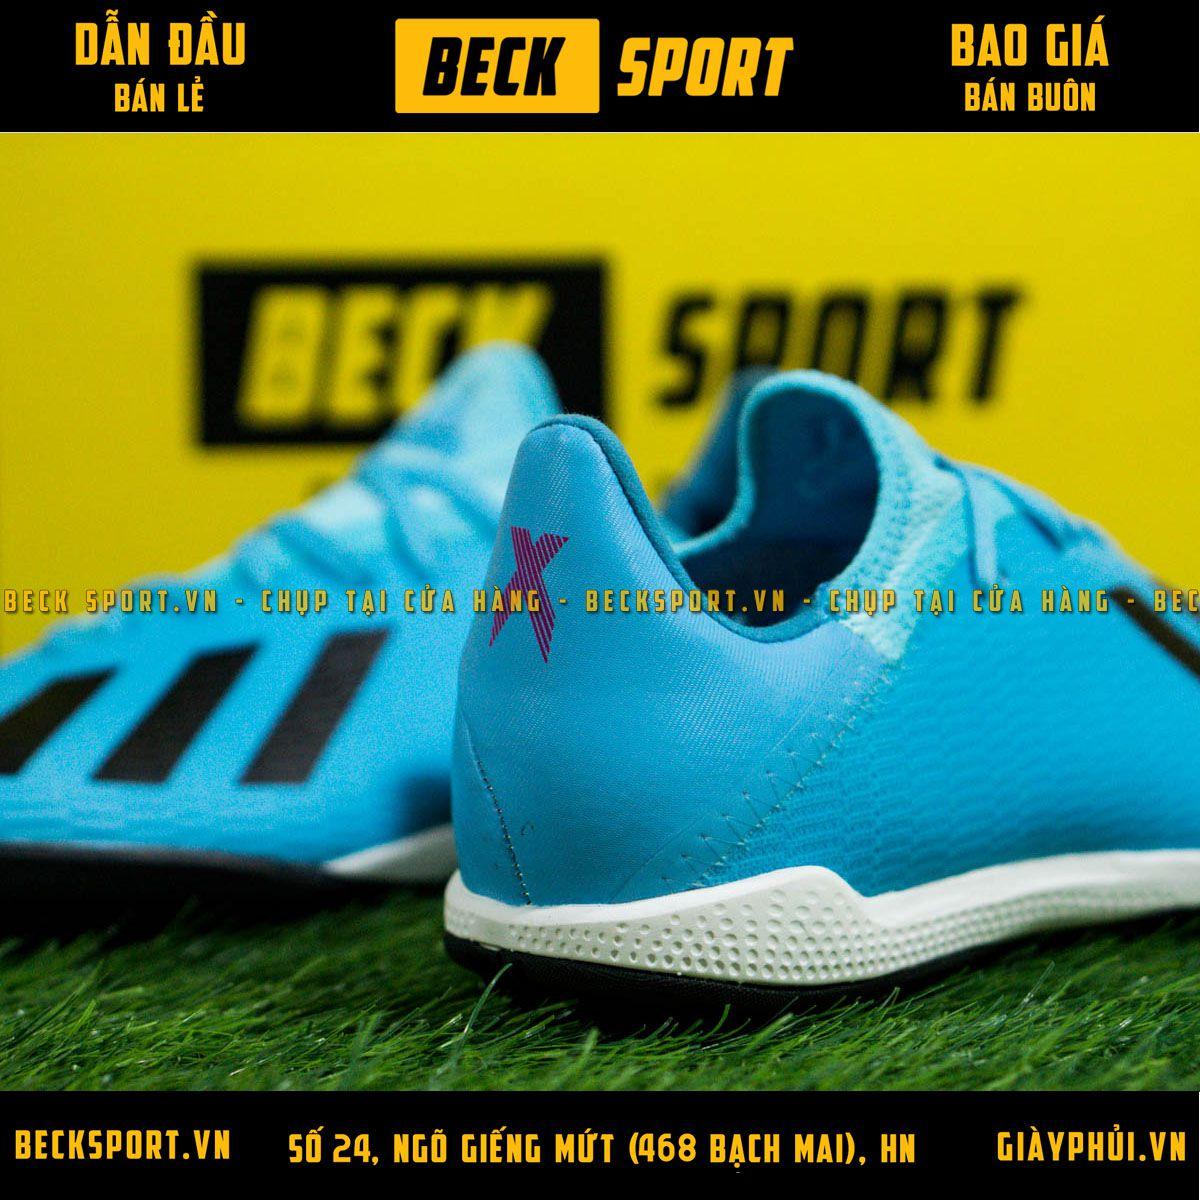 Giày Bóng Đá Adidas X 19.3 Xanh Biển Vạch Đen Đế Đen HQ TF